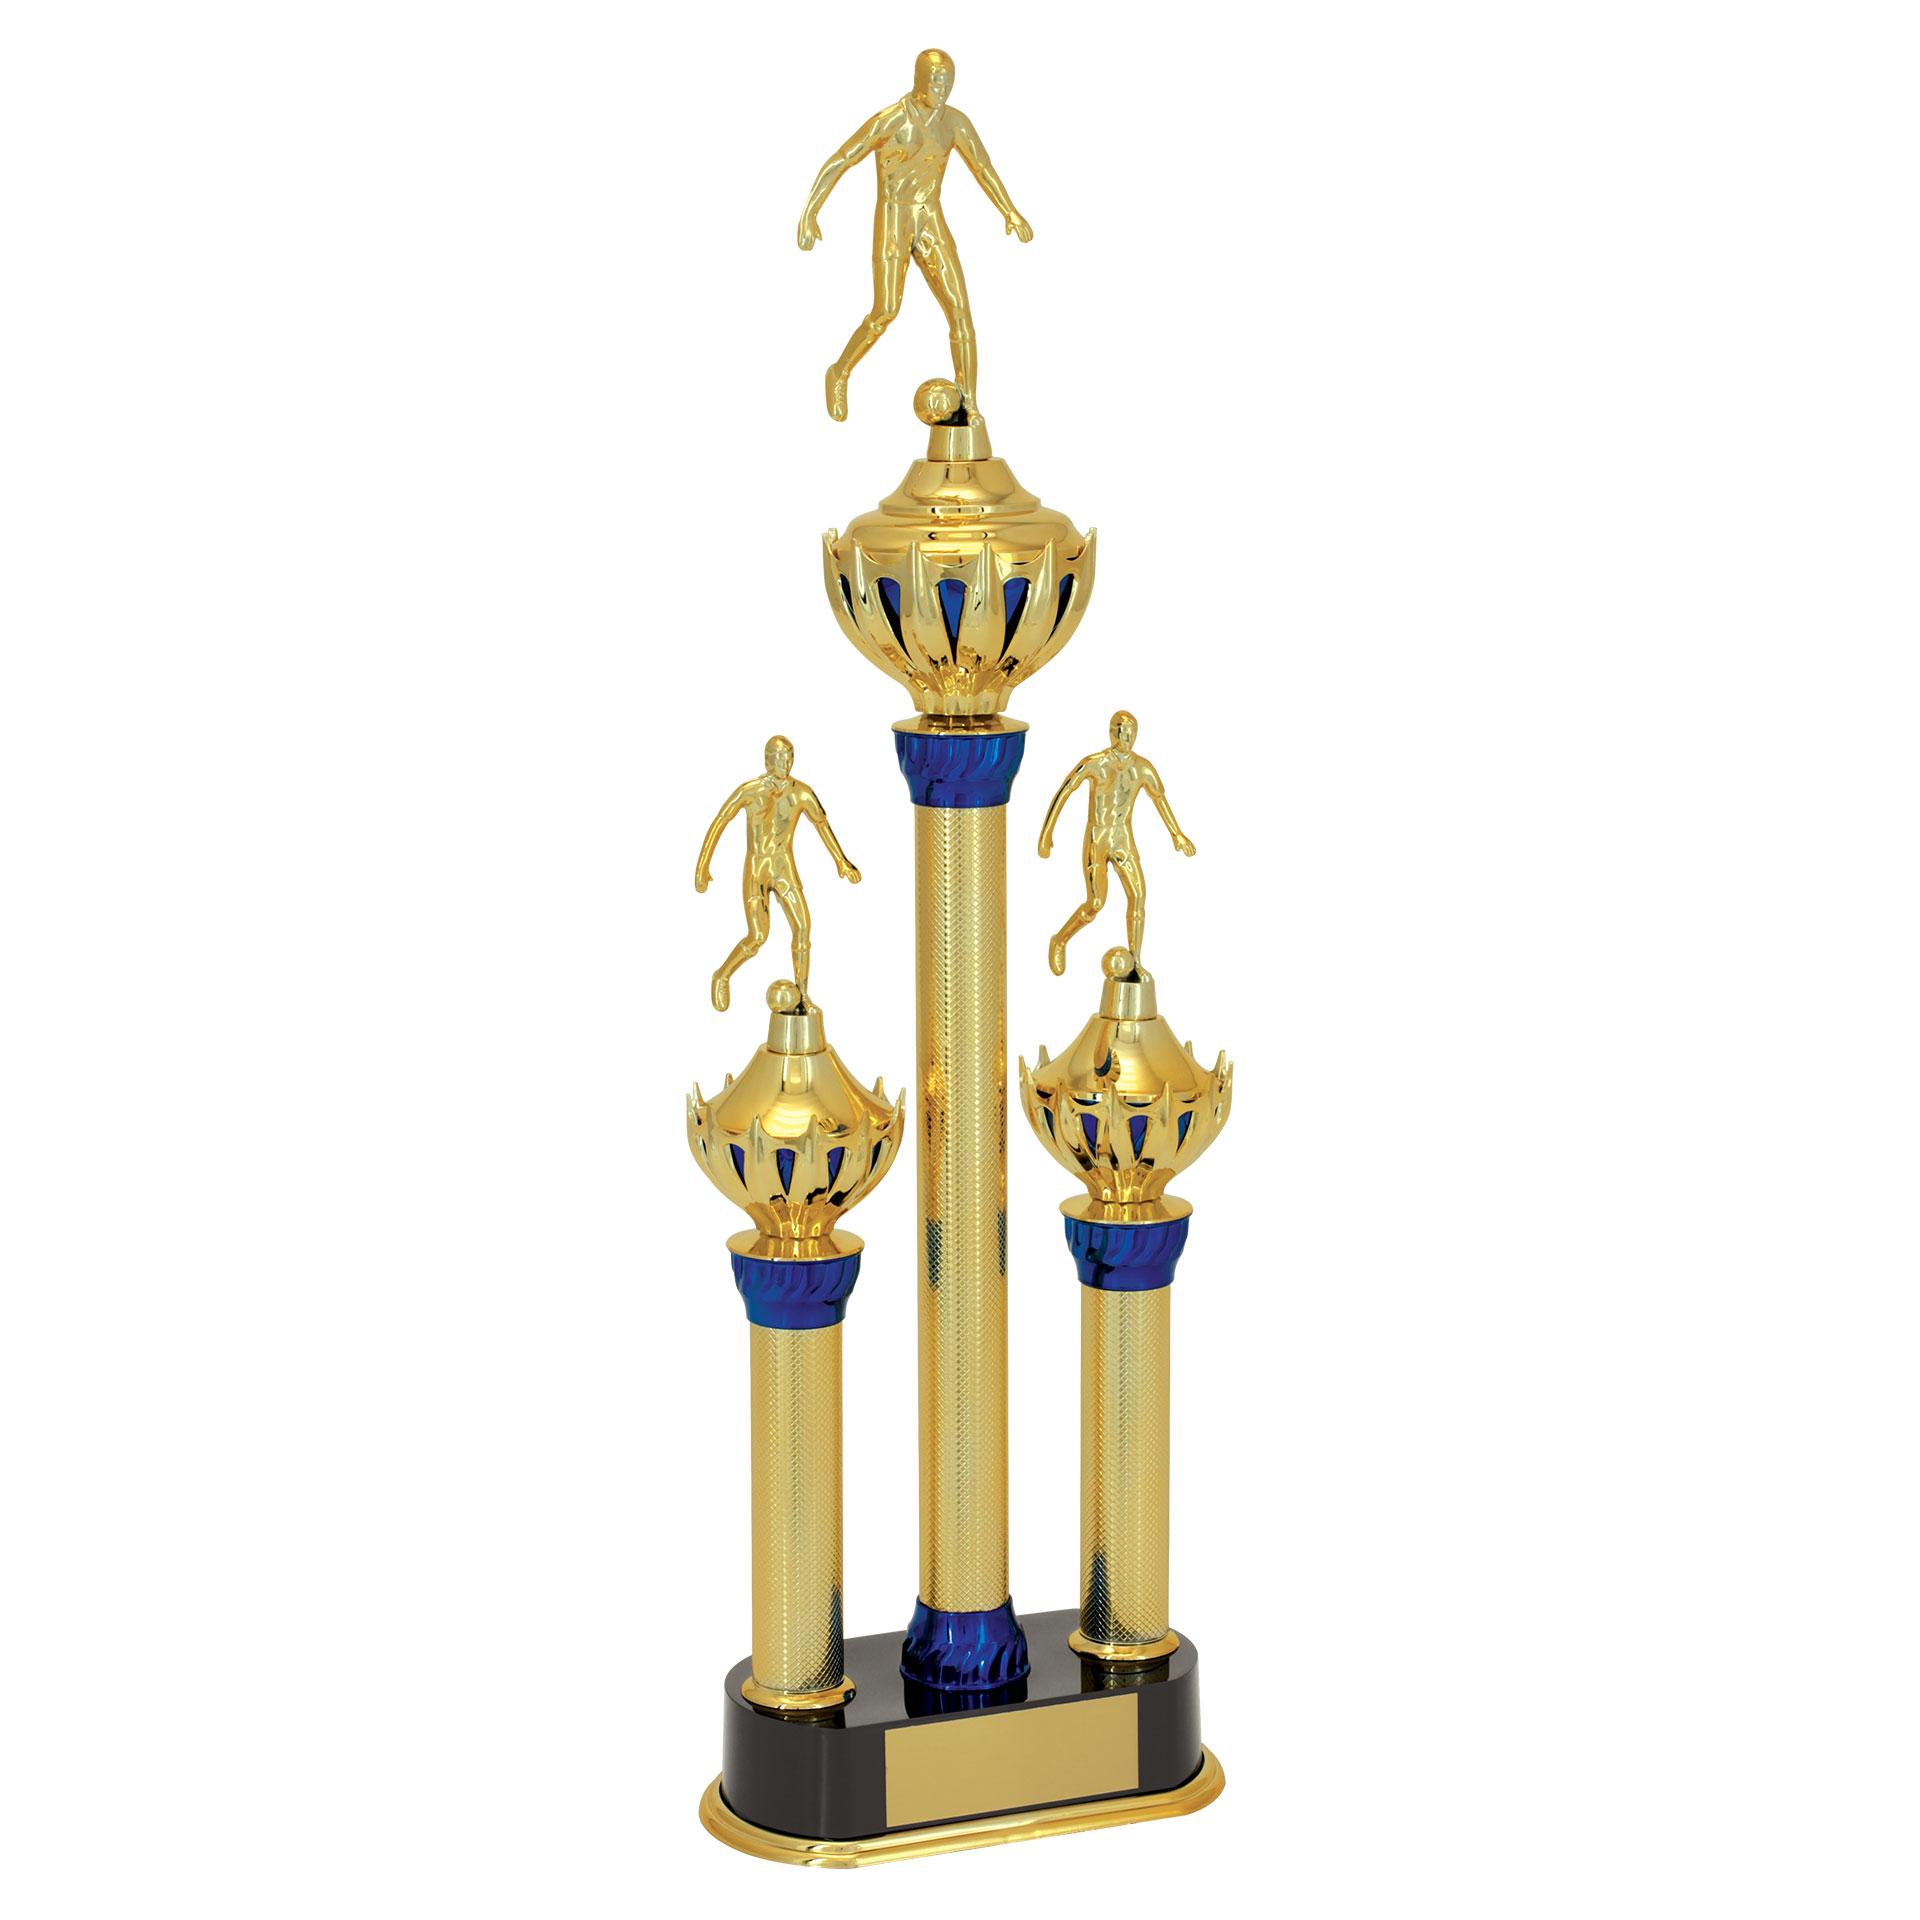 Troféu Vitoria cód. 300321 71 cm